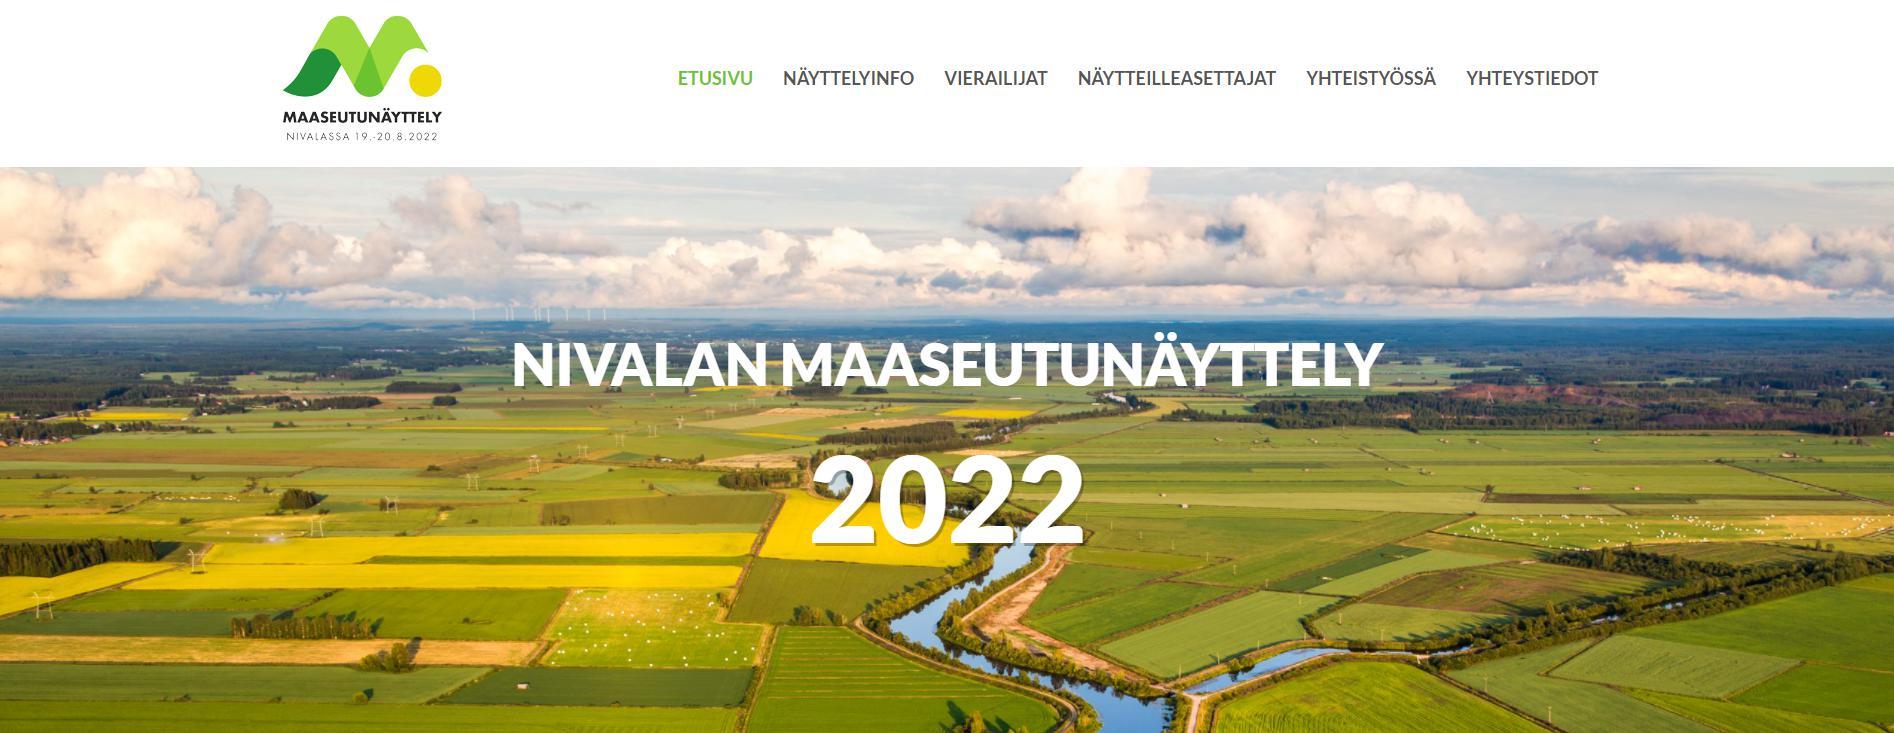 Nivalan maaseutunäyttely 2022